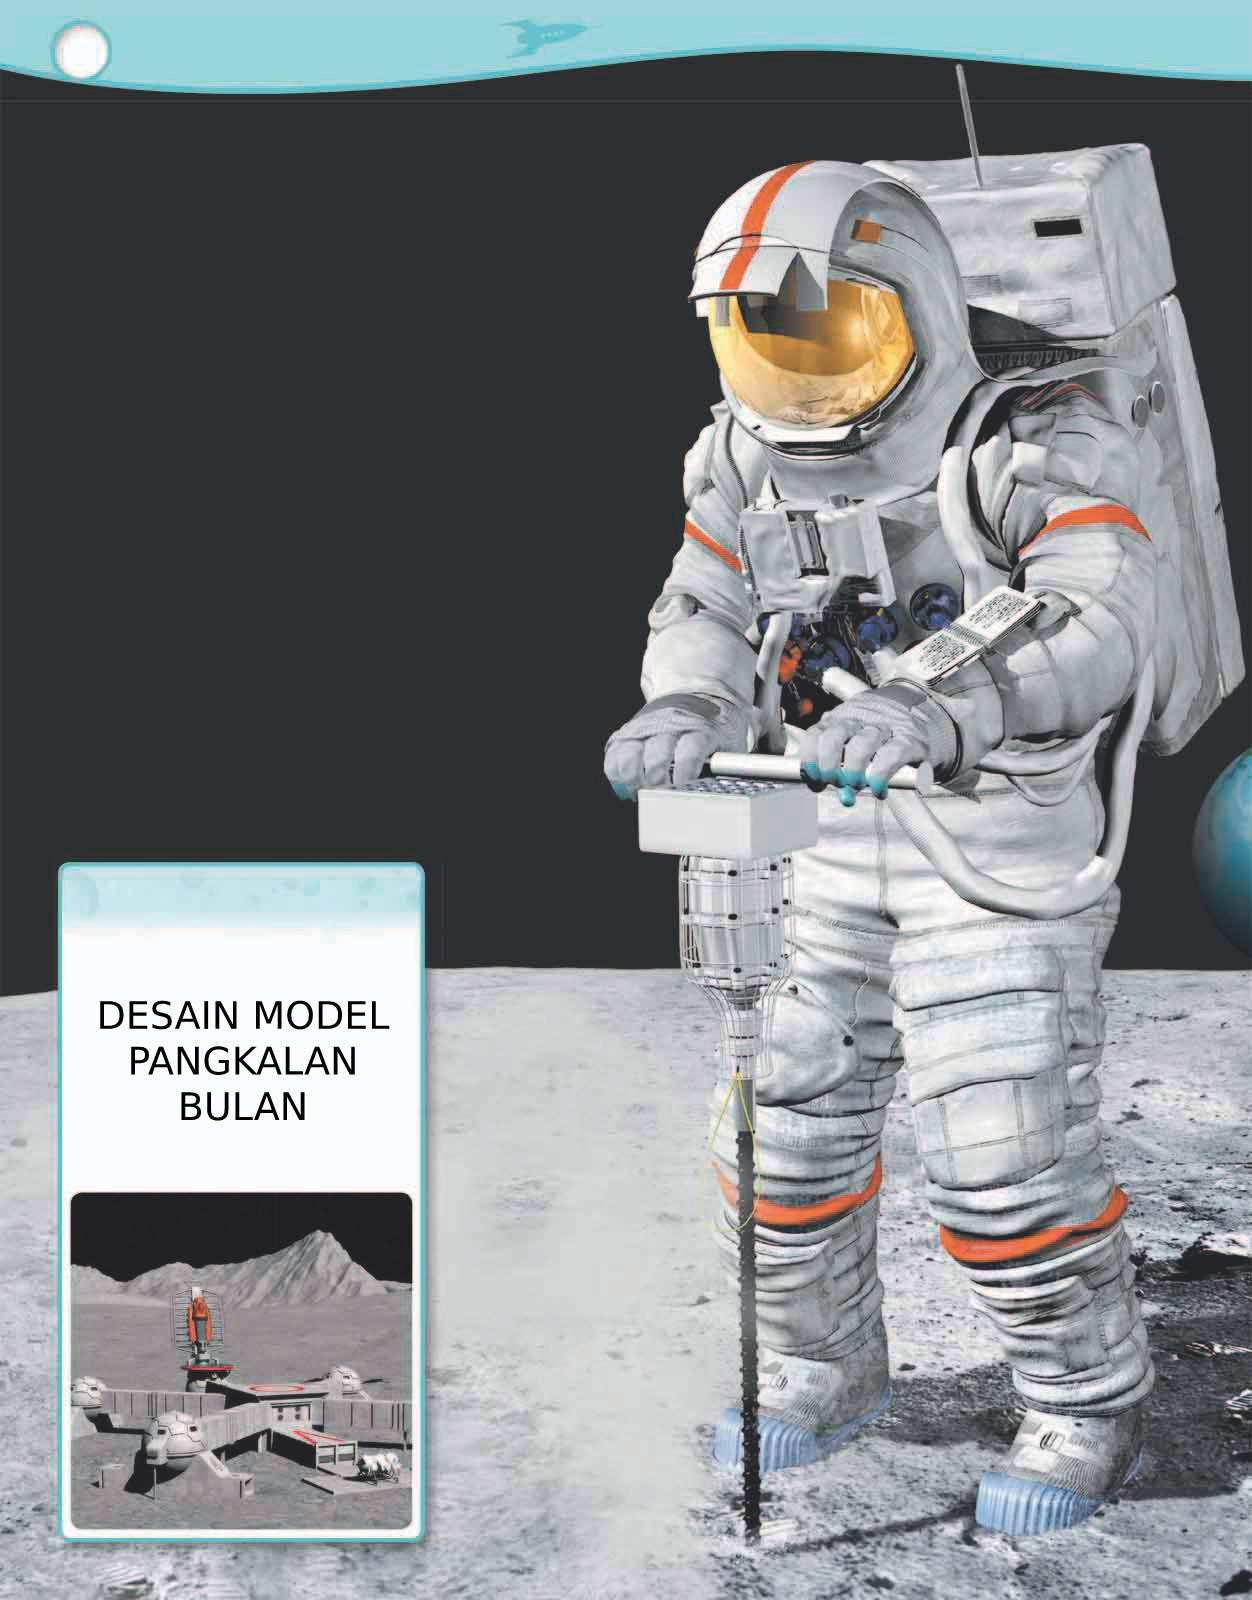 Astronot bulan